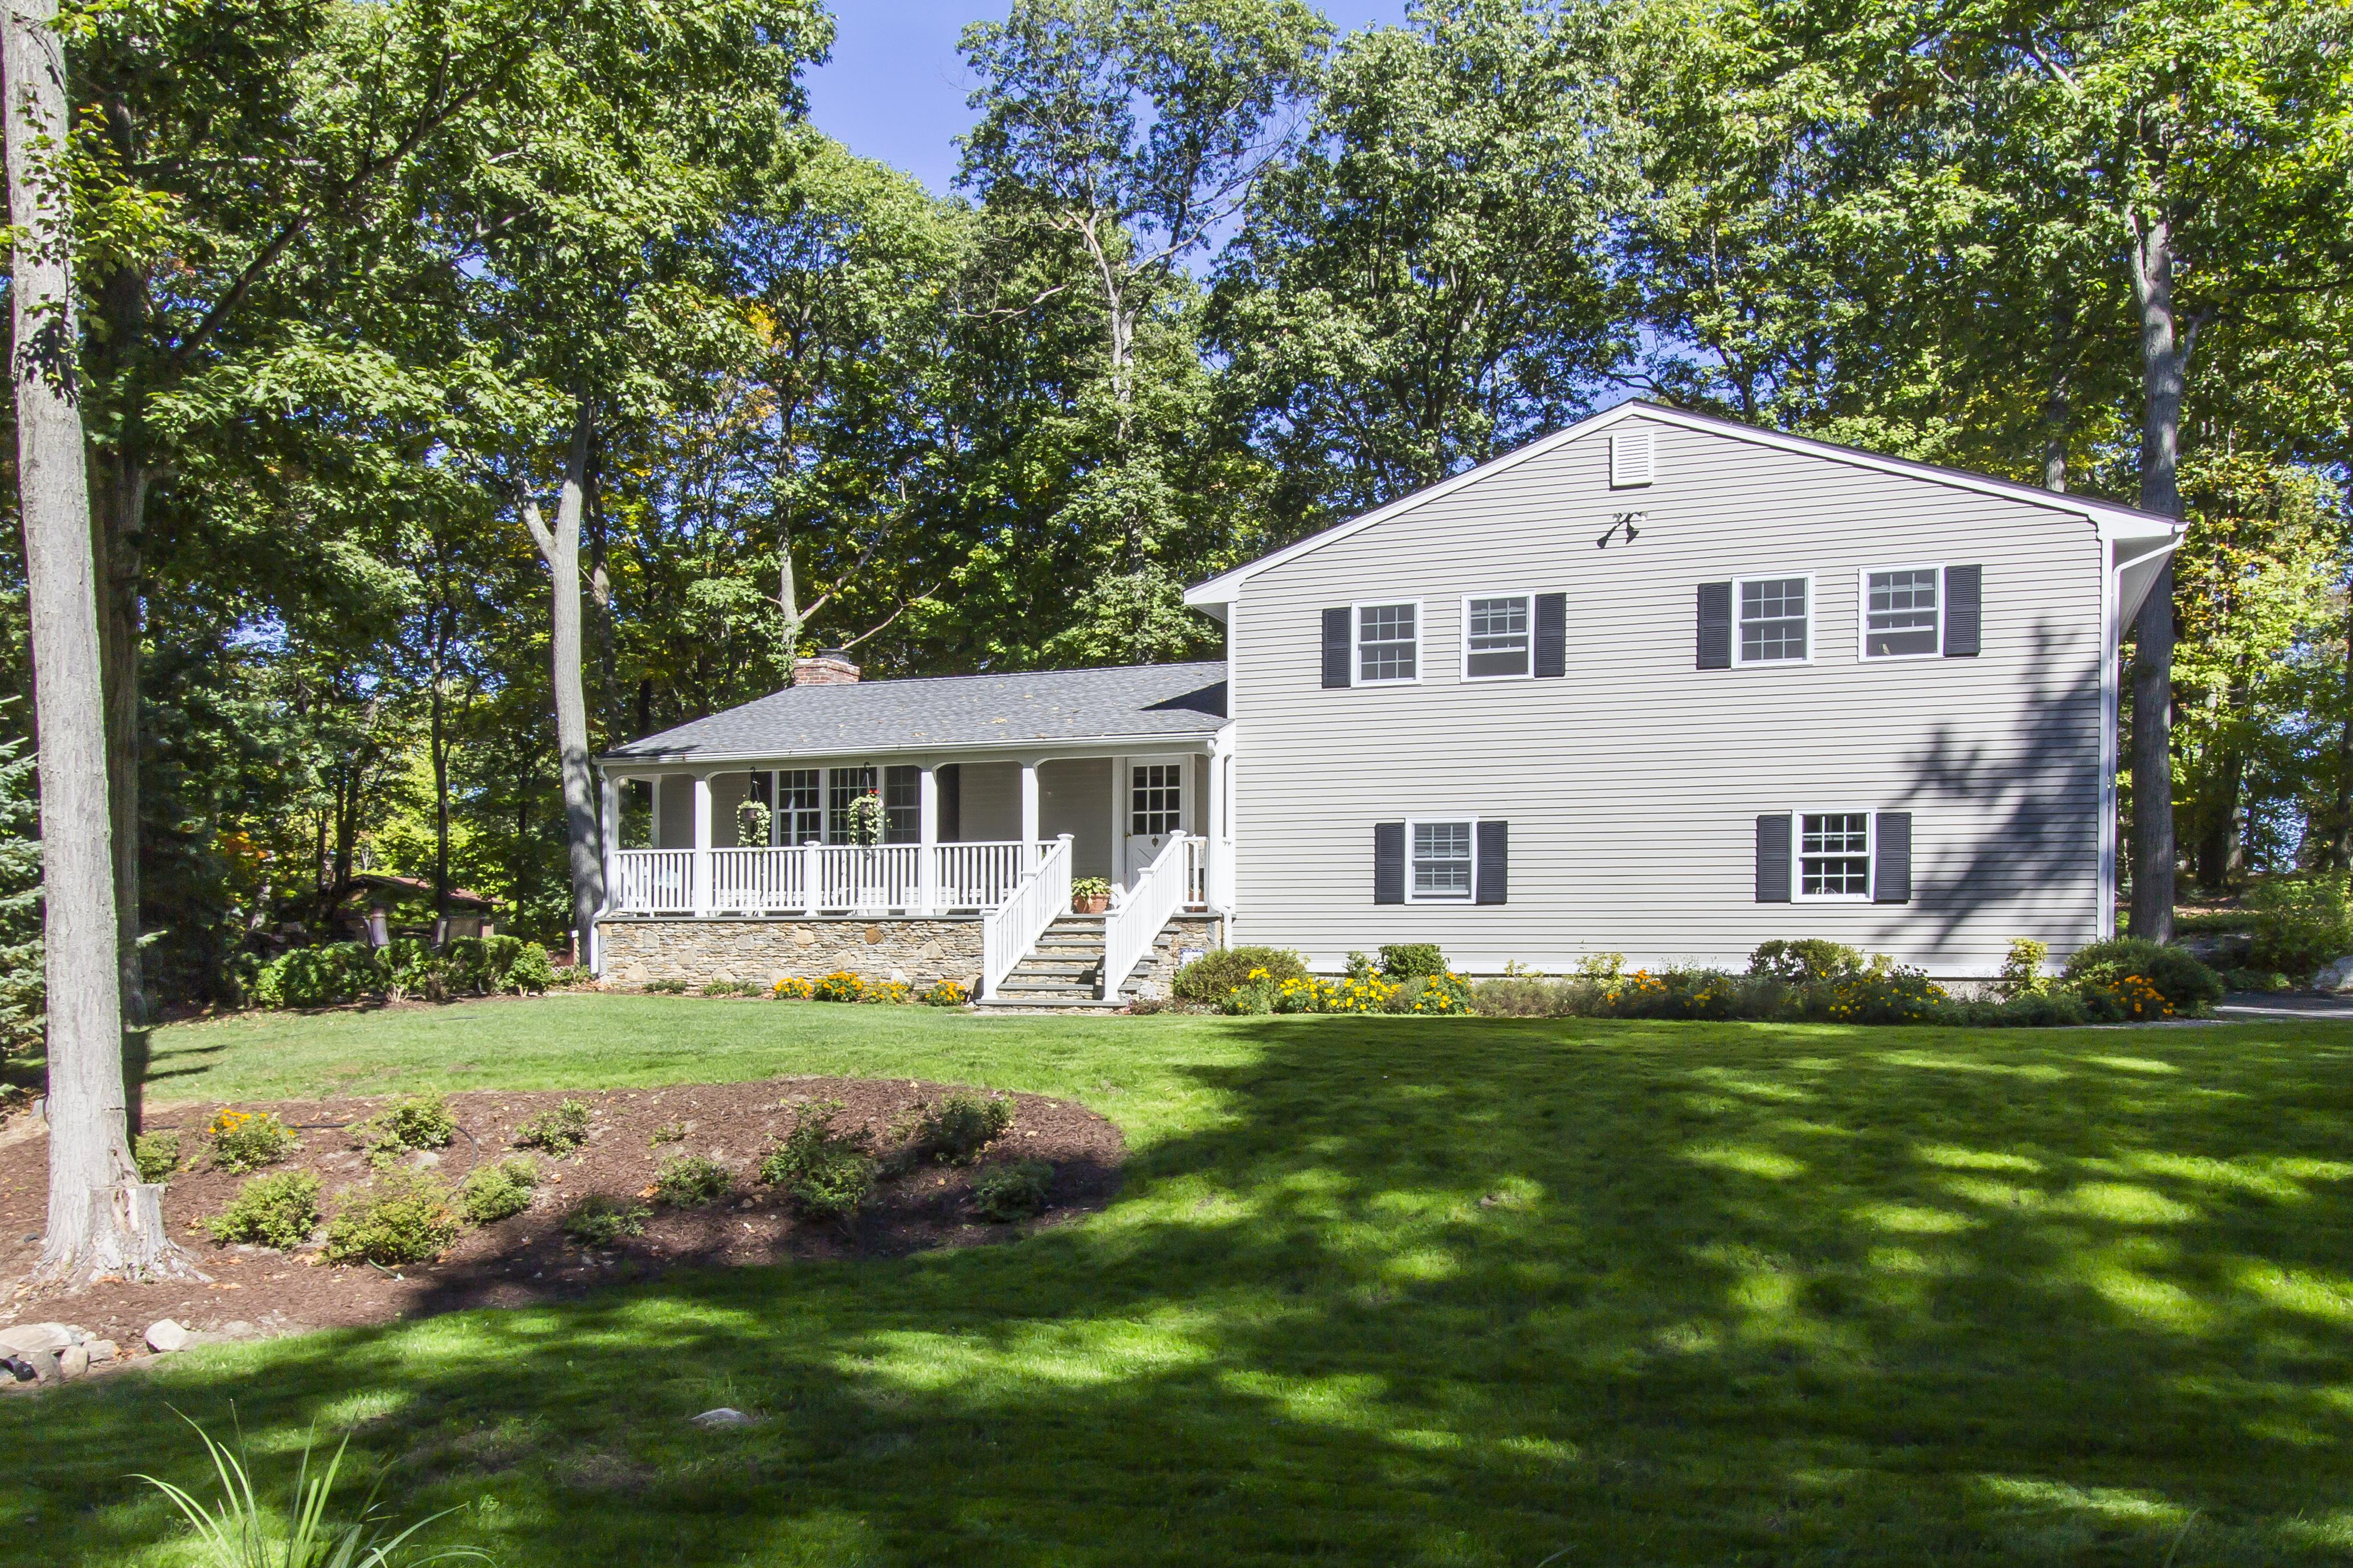 단독 가정 주택 용 매매 에 Meticulously Updated Home 338 Barrack Hill Road Ridgefield, 코네티컷, 06877 미국